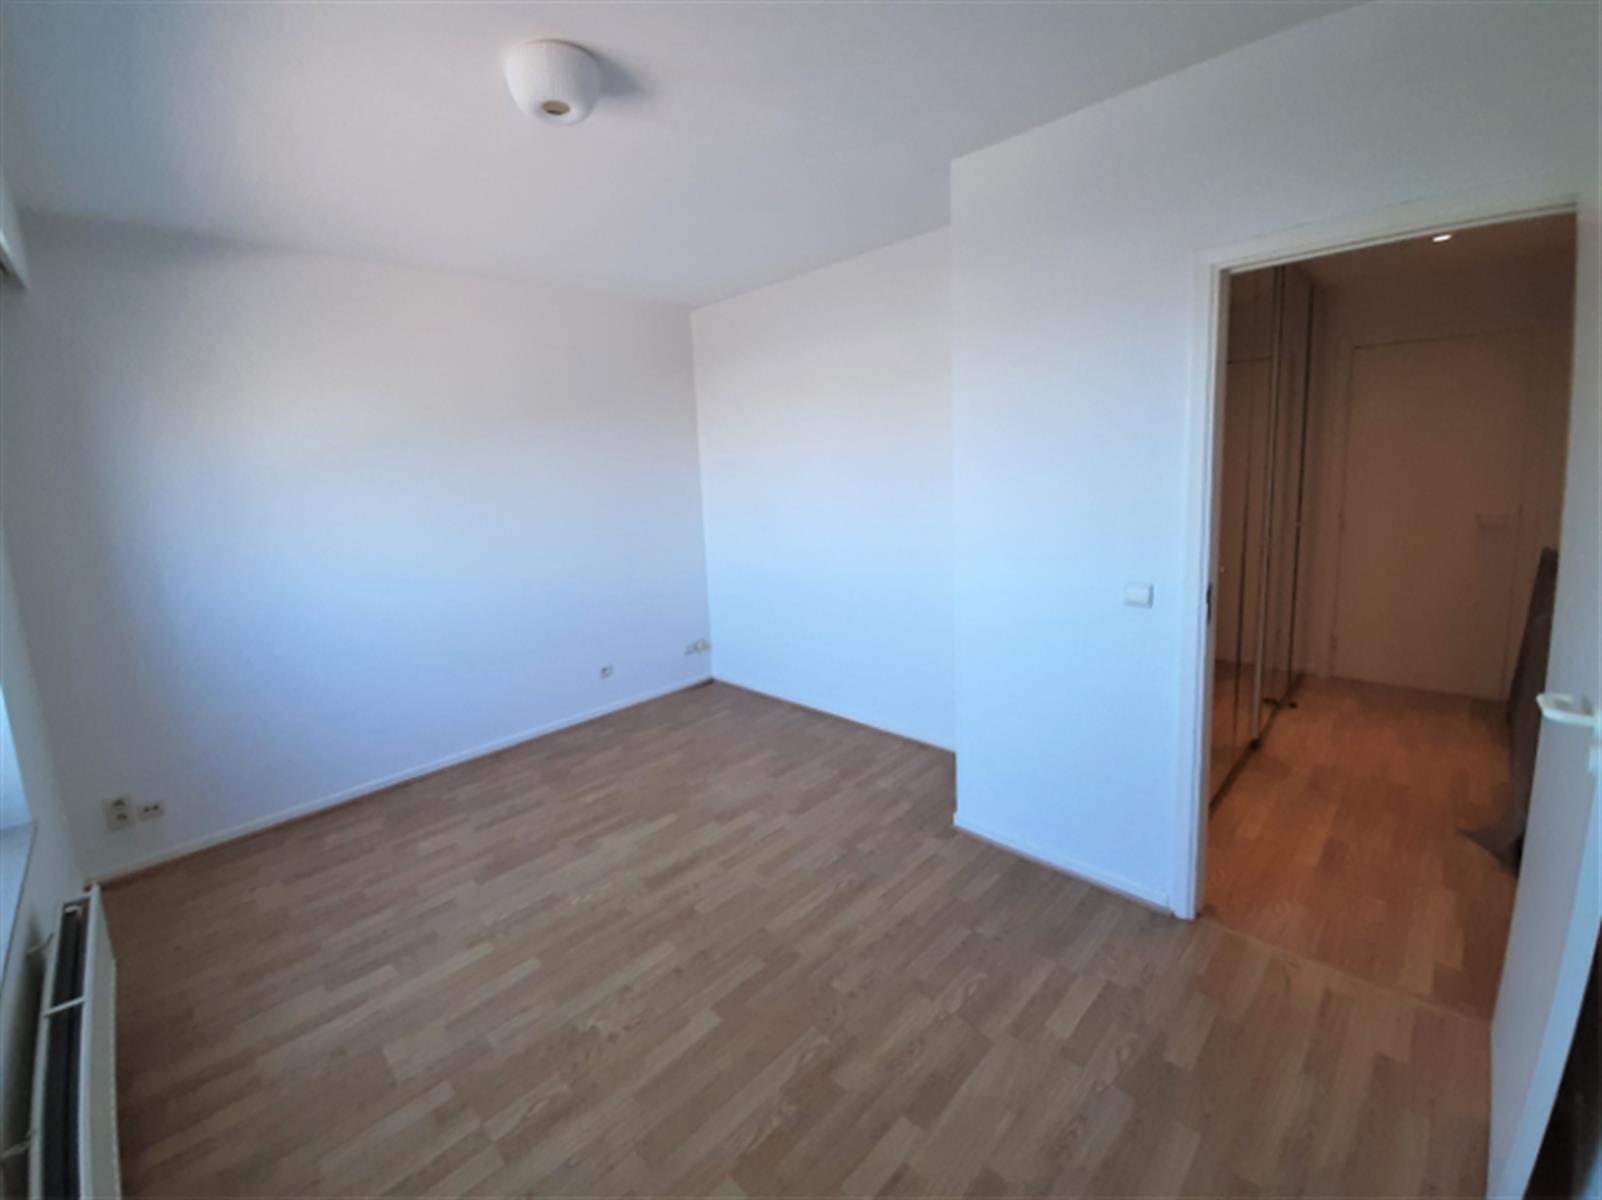 Appartement - Woluwe-Saint-Pierre - #4350243-7